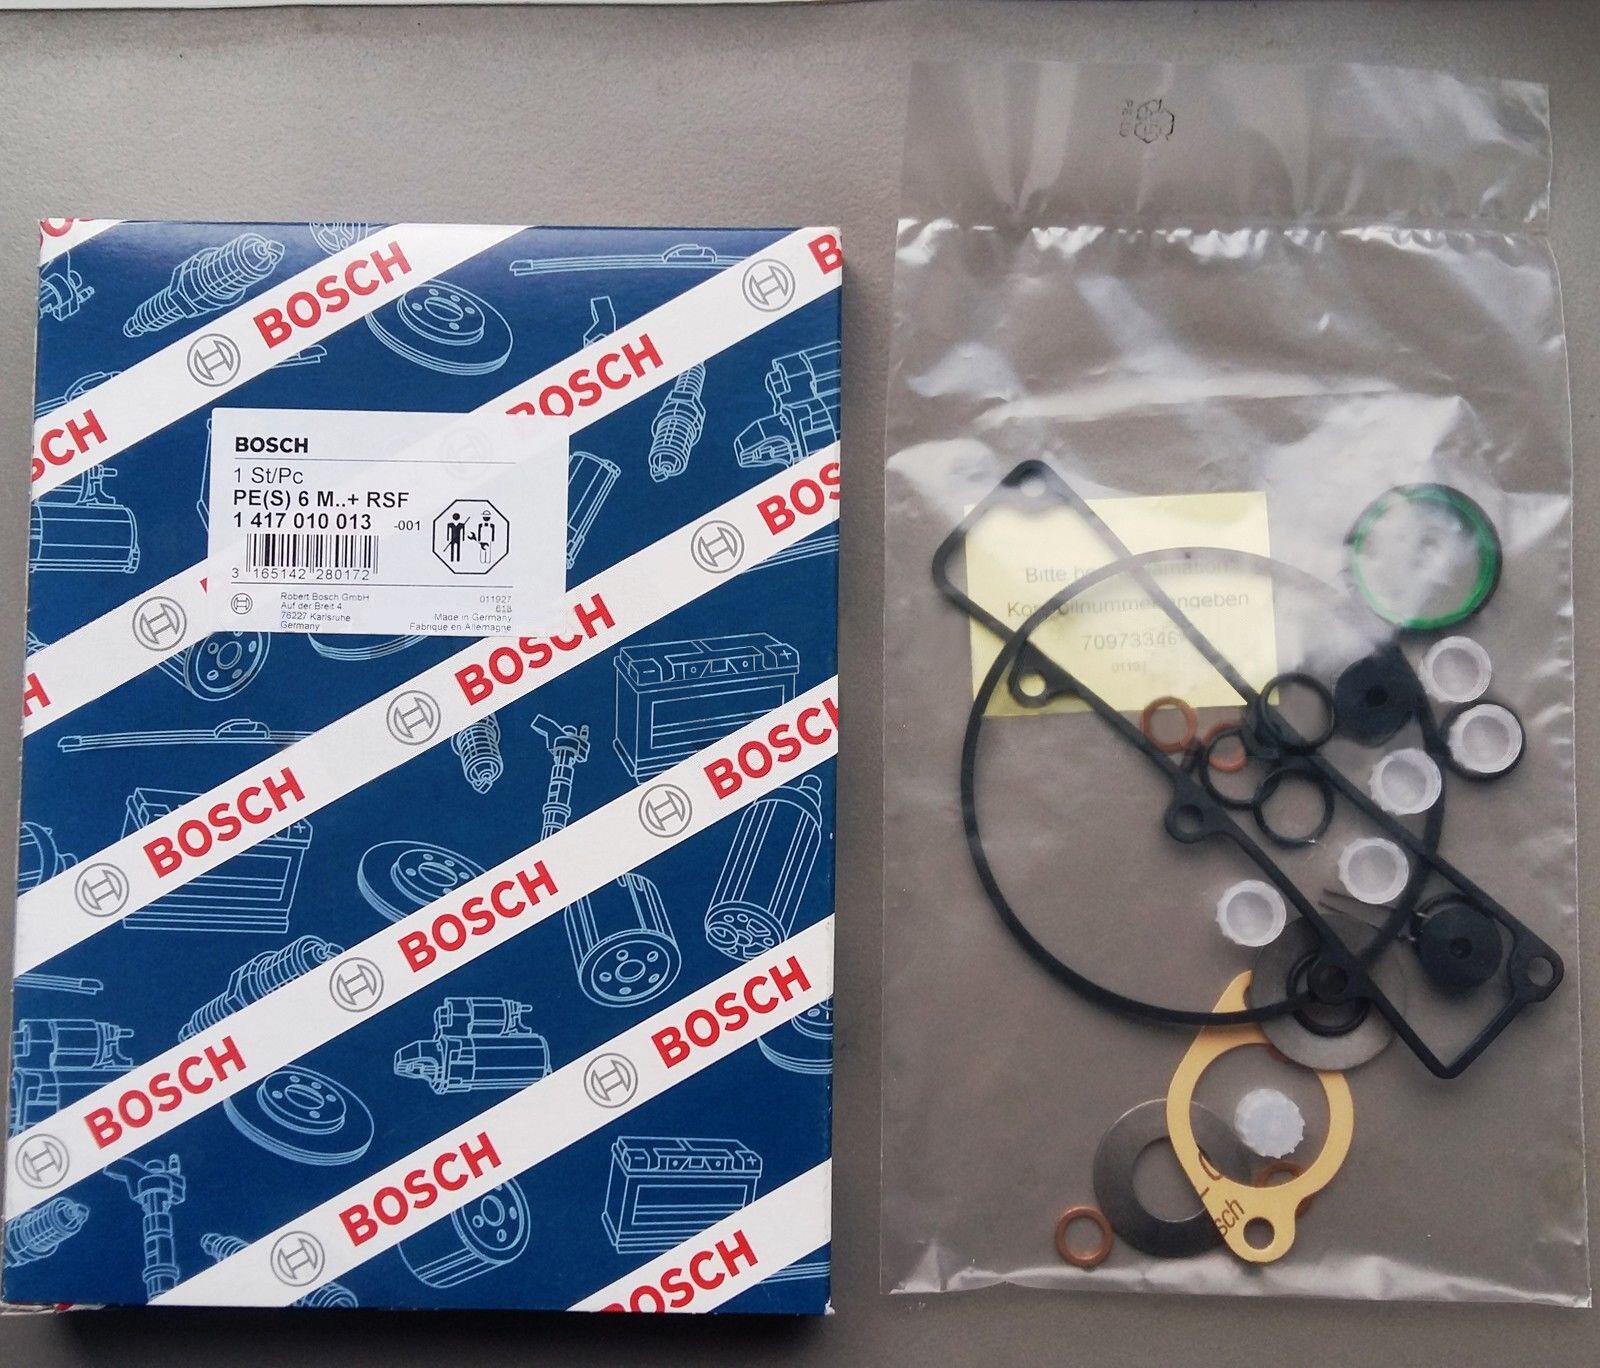 W124 Mercedes 300diesel Pump Repair Seal Kit Om603913 Om603960 Wiring Harness Bosch Diesel Seals 300d S300 S350 30 35td Om603 Om606